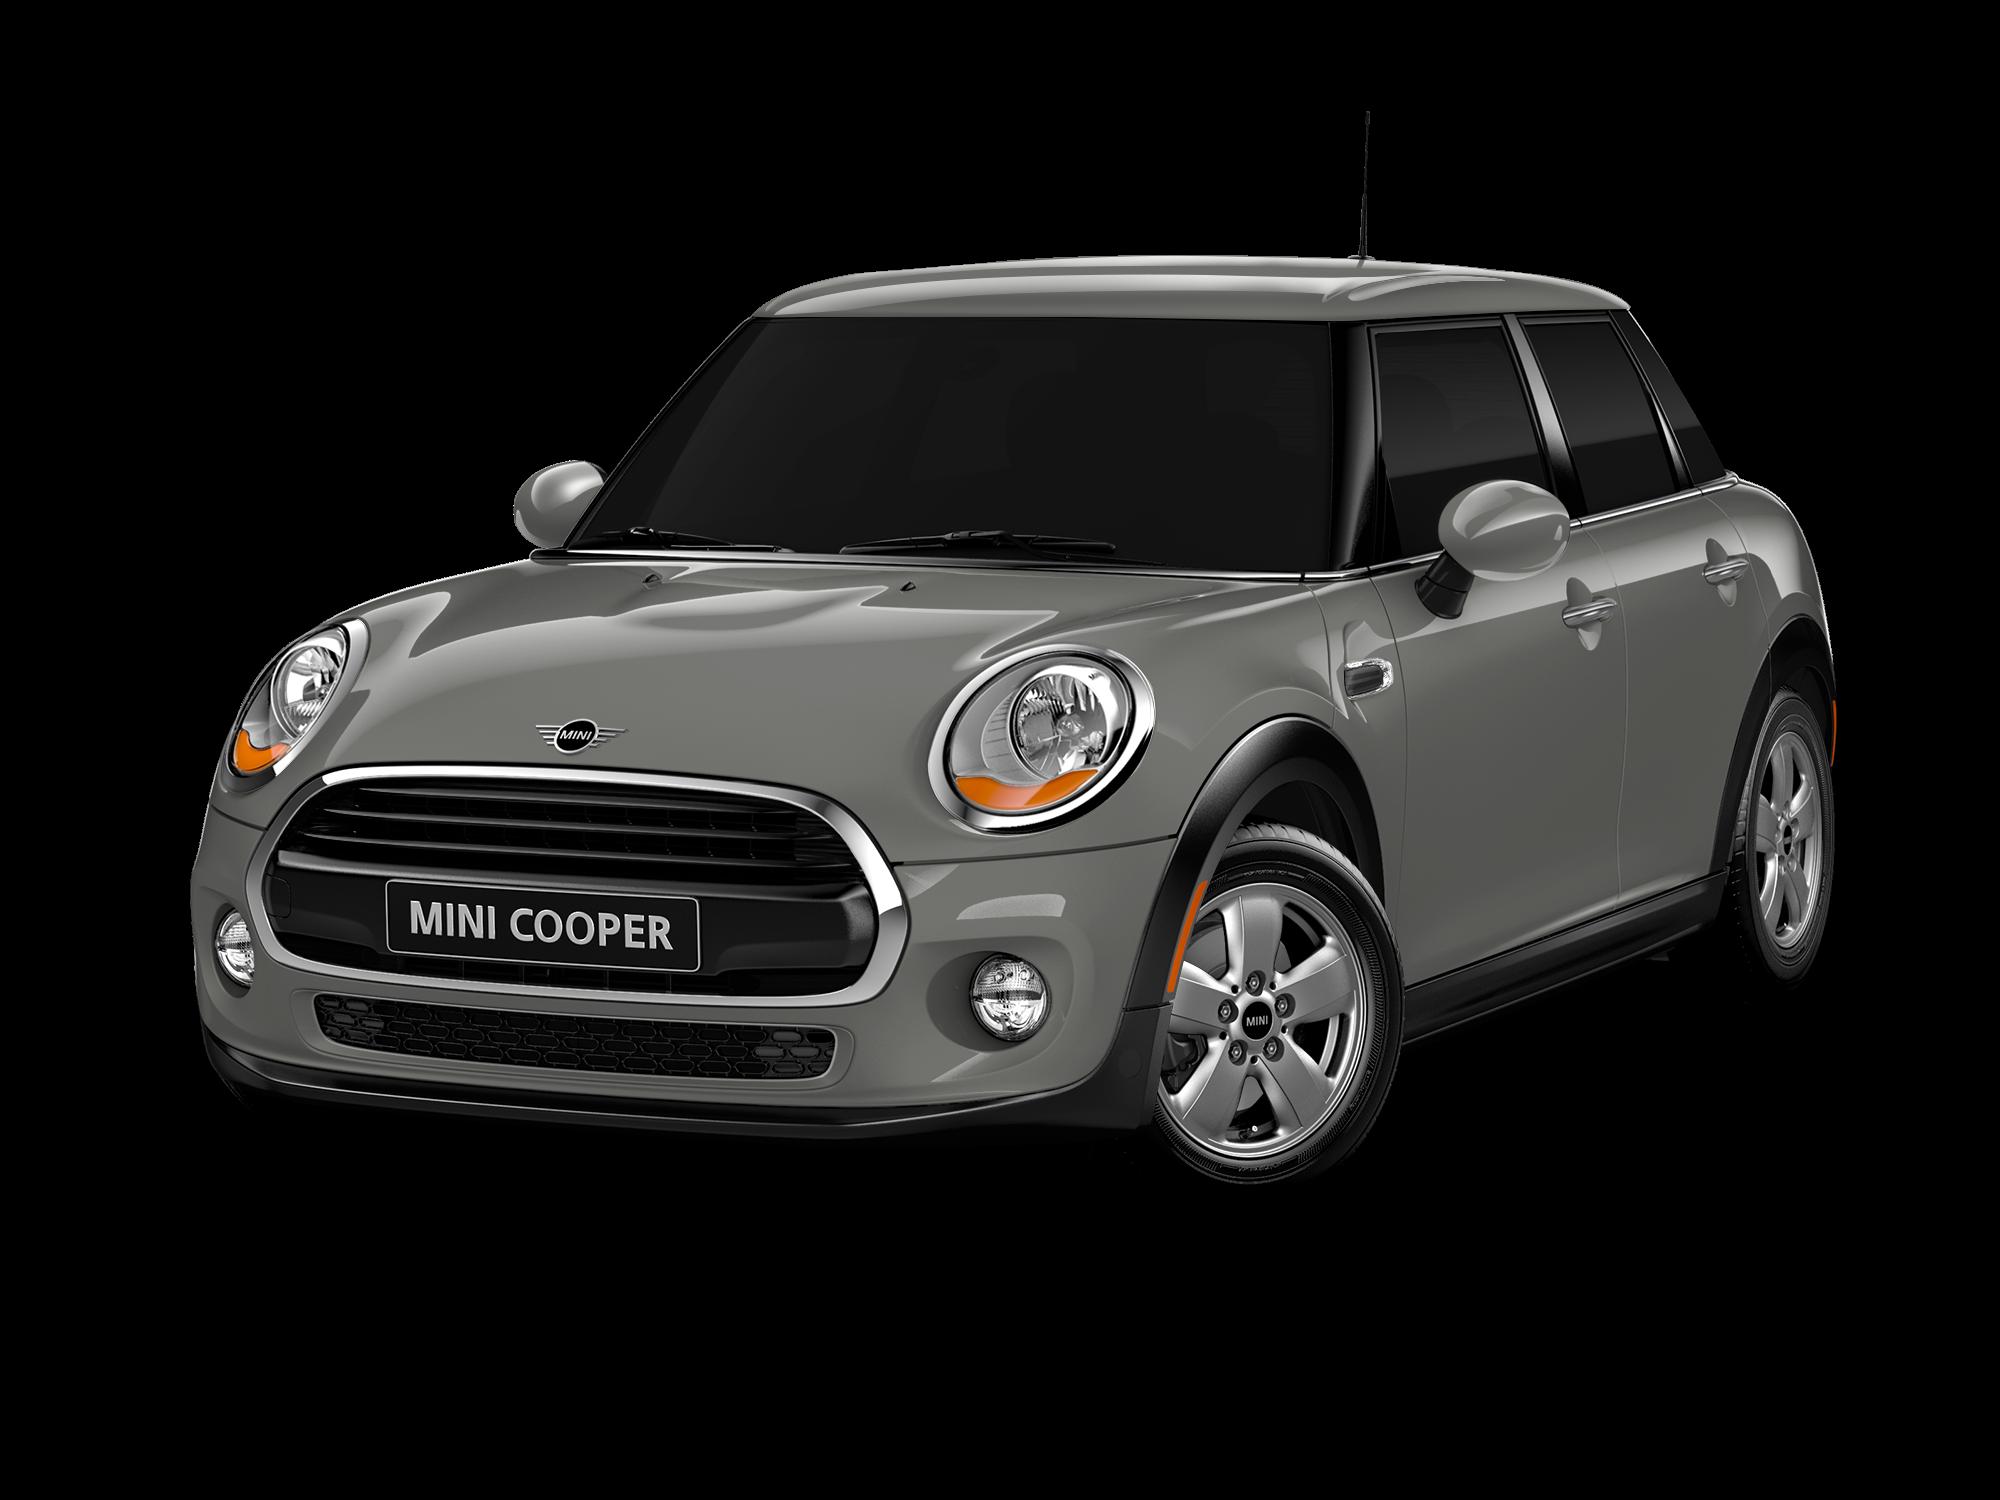 New 2019 MINI Cooper Hardtop 4 Door